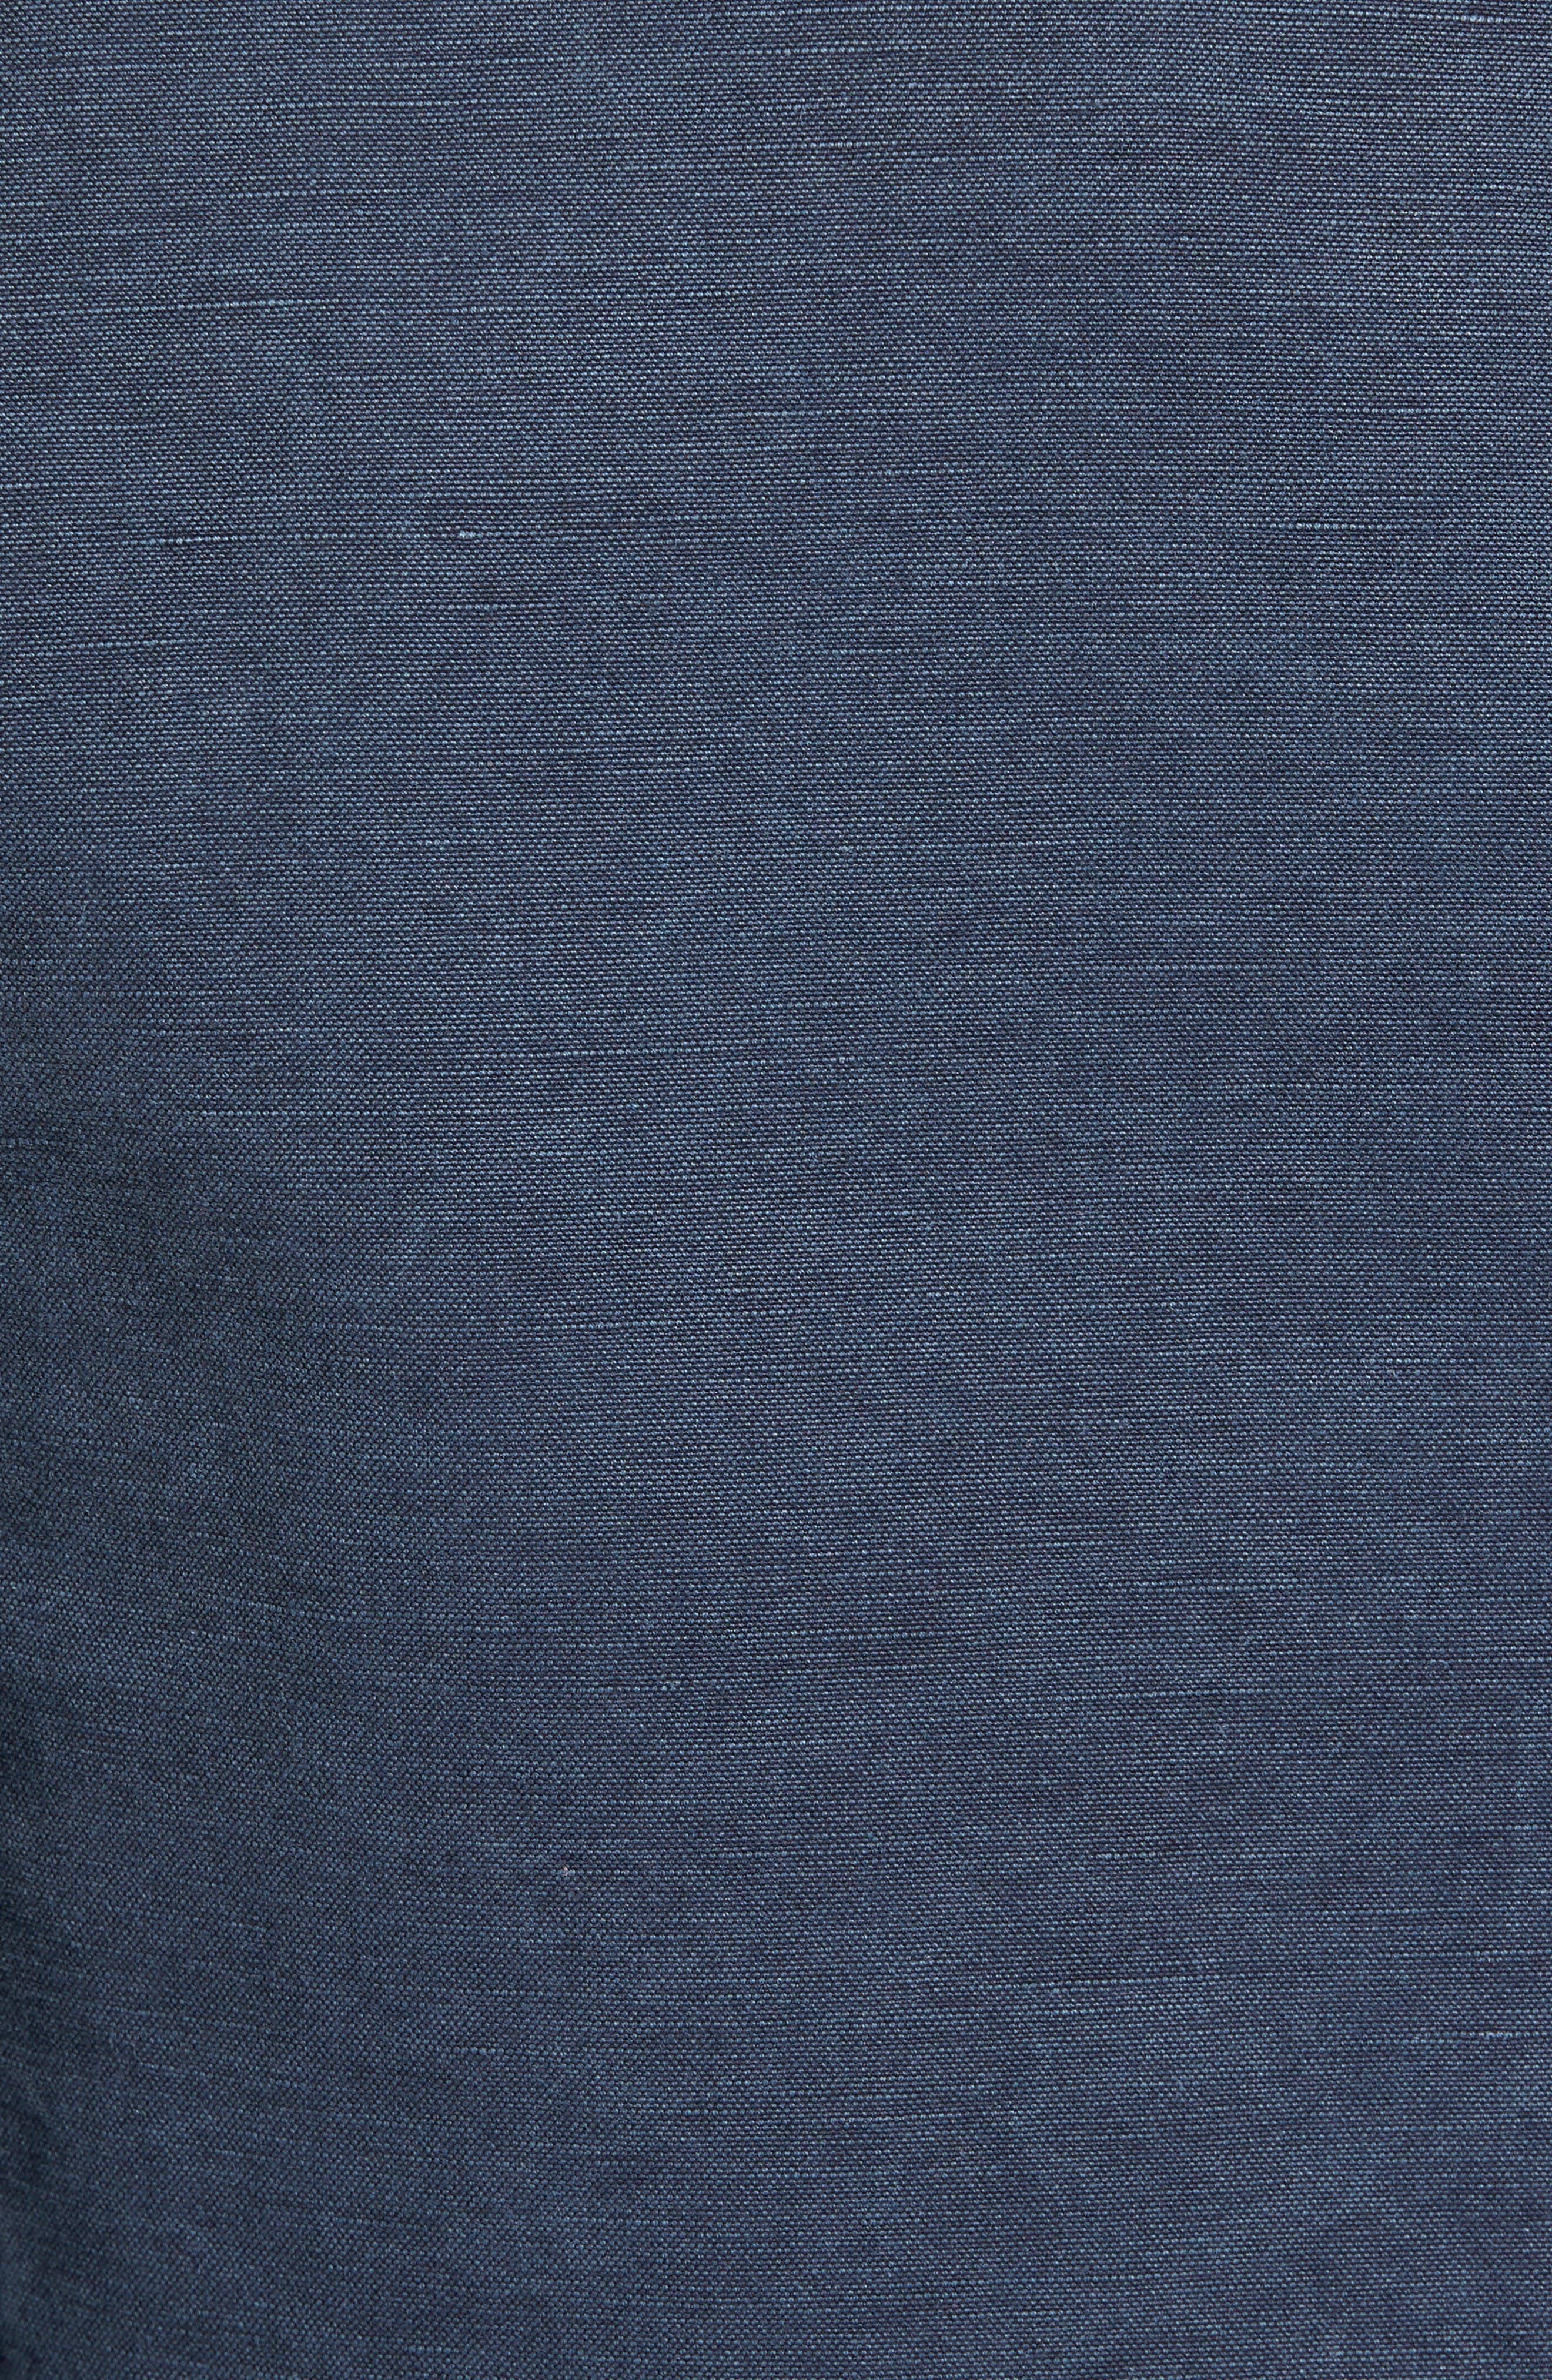 Trim Fit Cotton & Linen Blazer,                             Alternate thumbnail 5, color,                             Navy